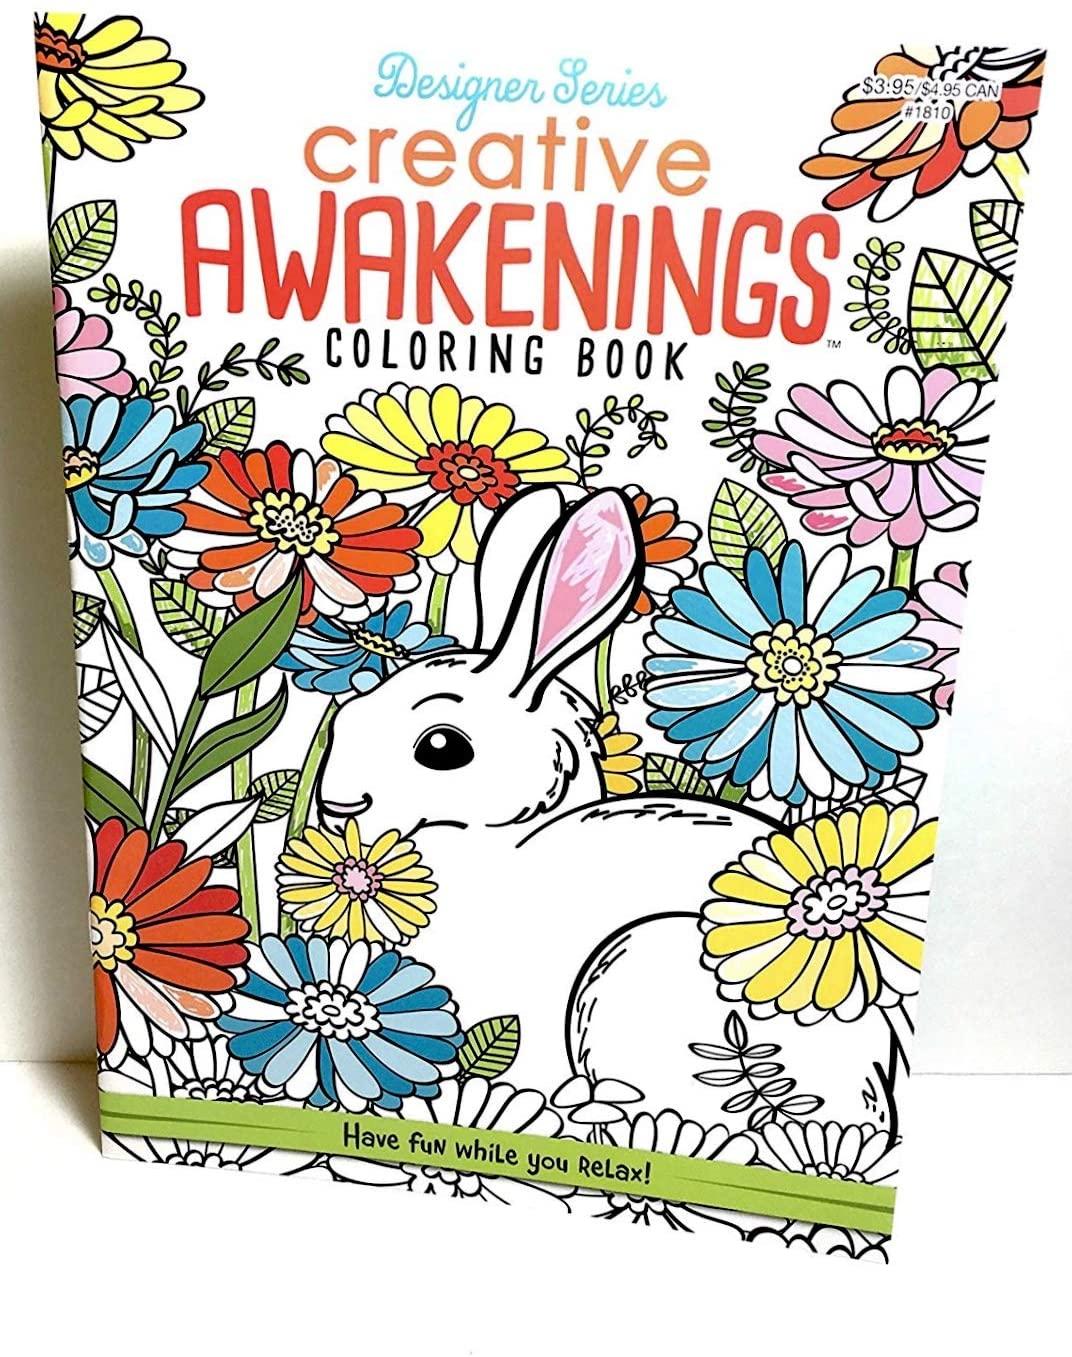 Creative Awakenings Adult Coloring Book